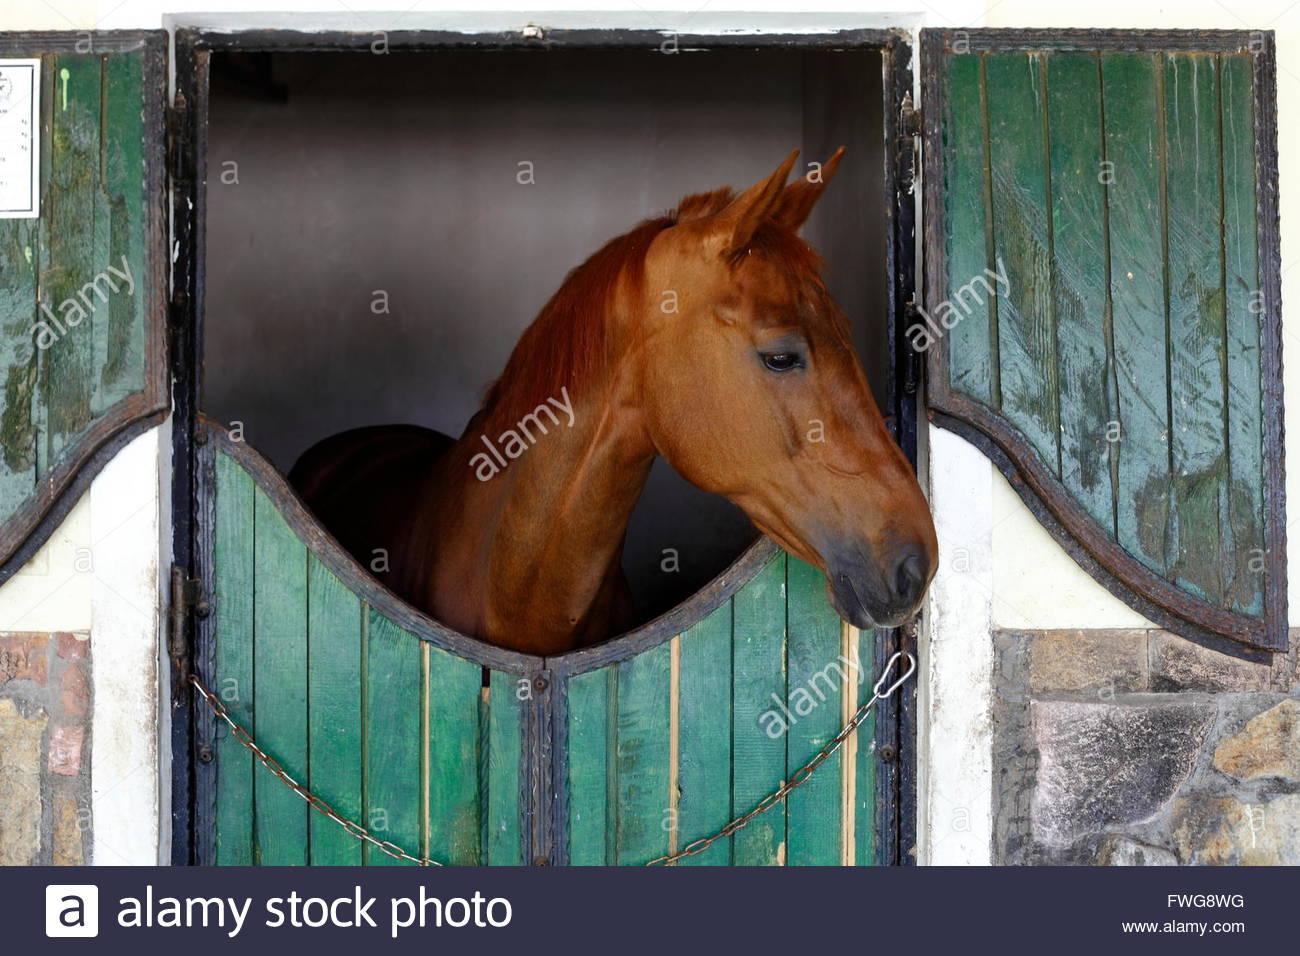 Alla luce del giorno piani fotografato vicino ritratto di corse di cavalli Immagini Stock